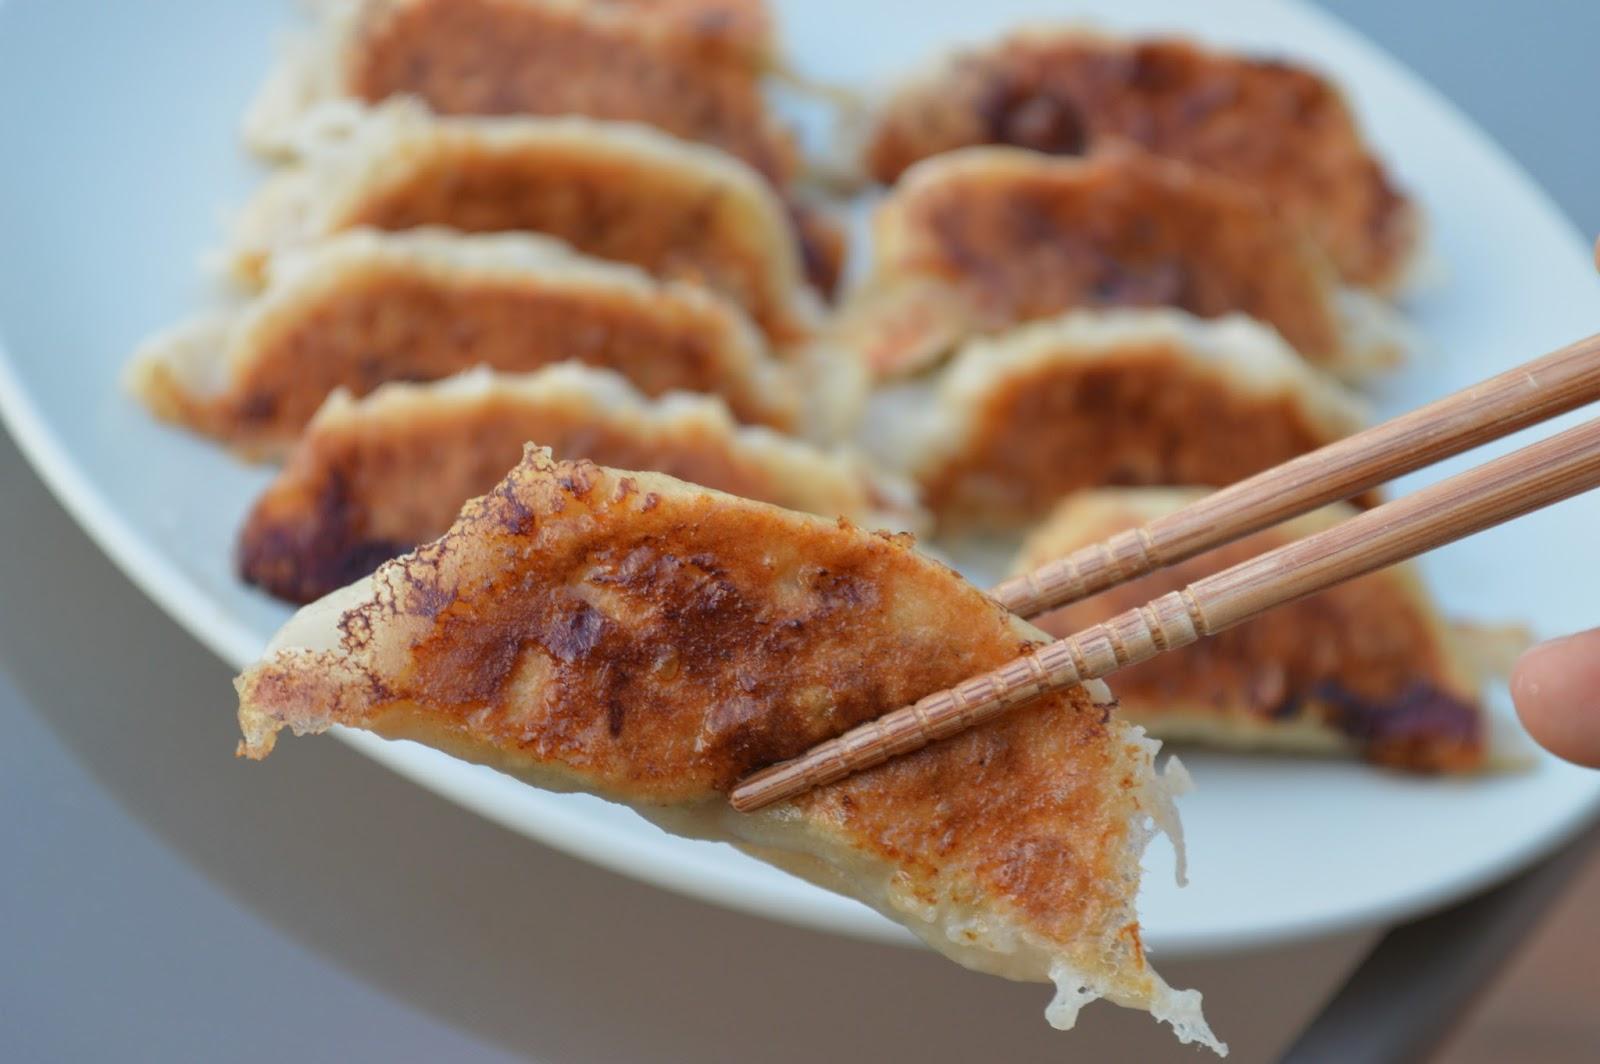 pan fried dumplings pan fried dumplings 10pcs chinese fried dumplings ...